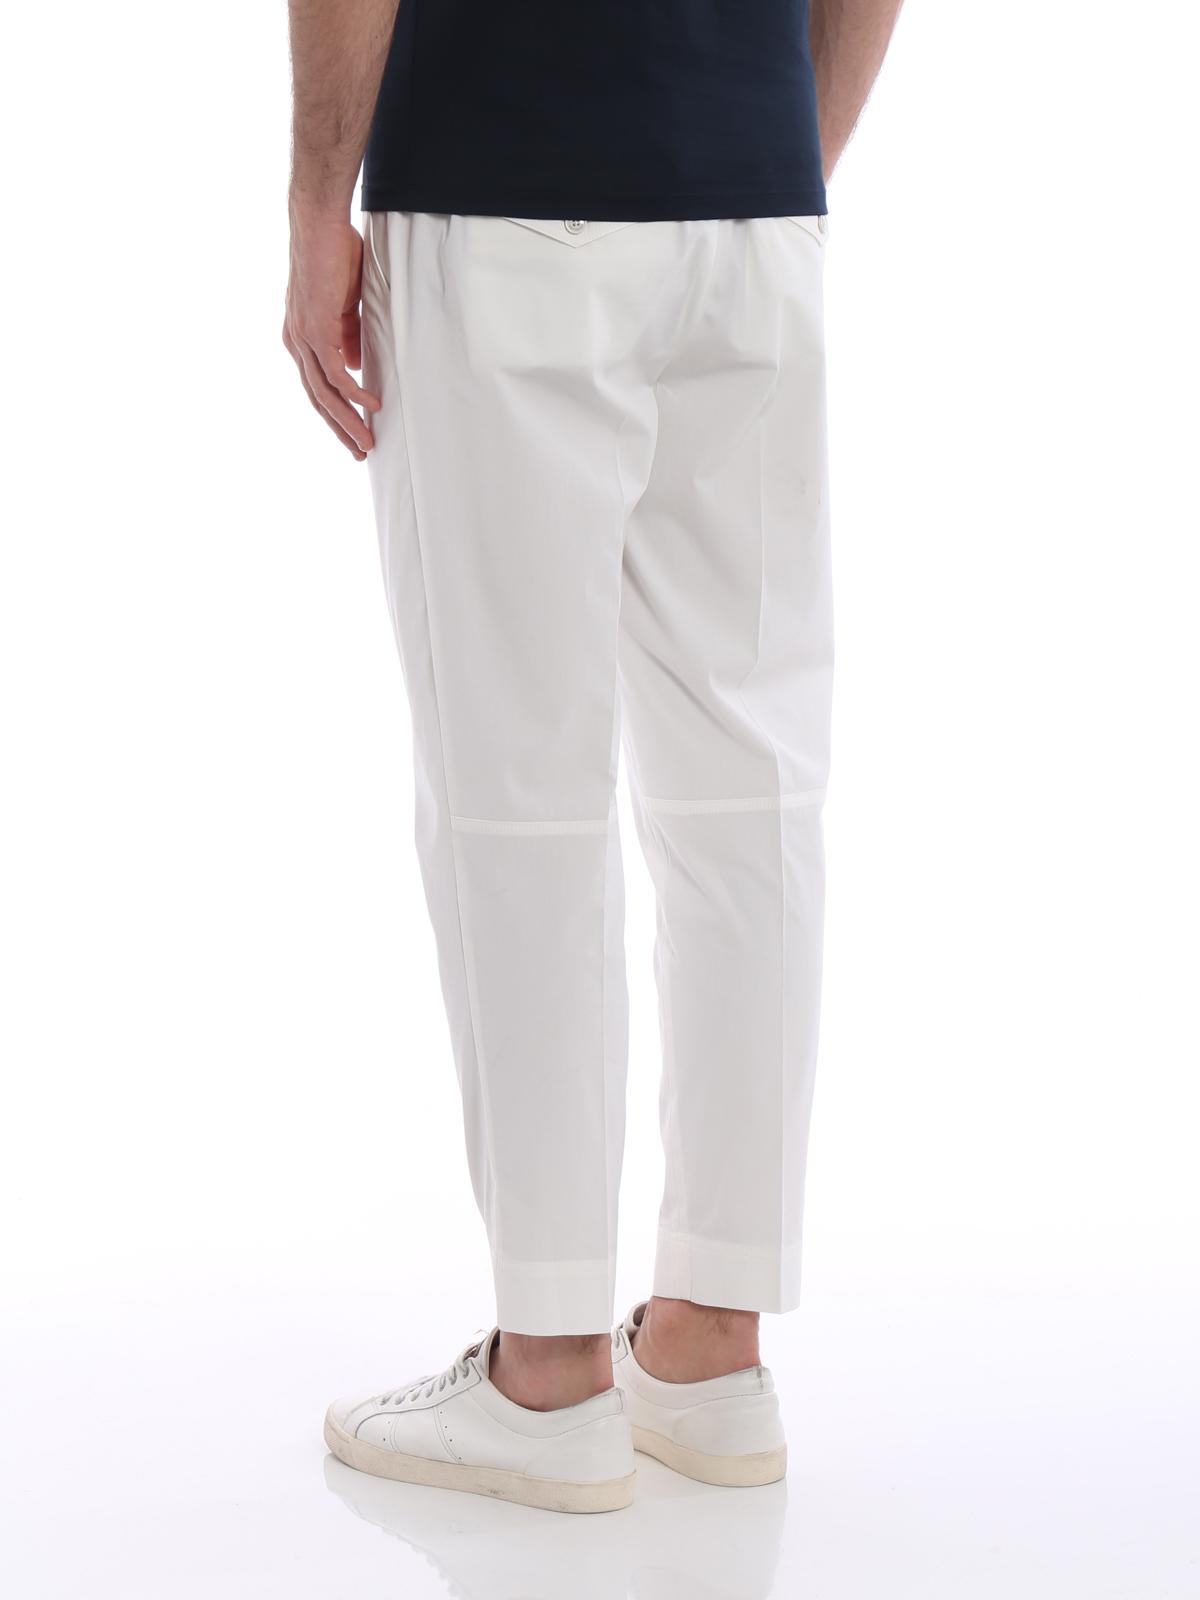 e253c5ca68 Moncler - White gabardine sport slacks - casual trousers - D1 091 ...